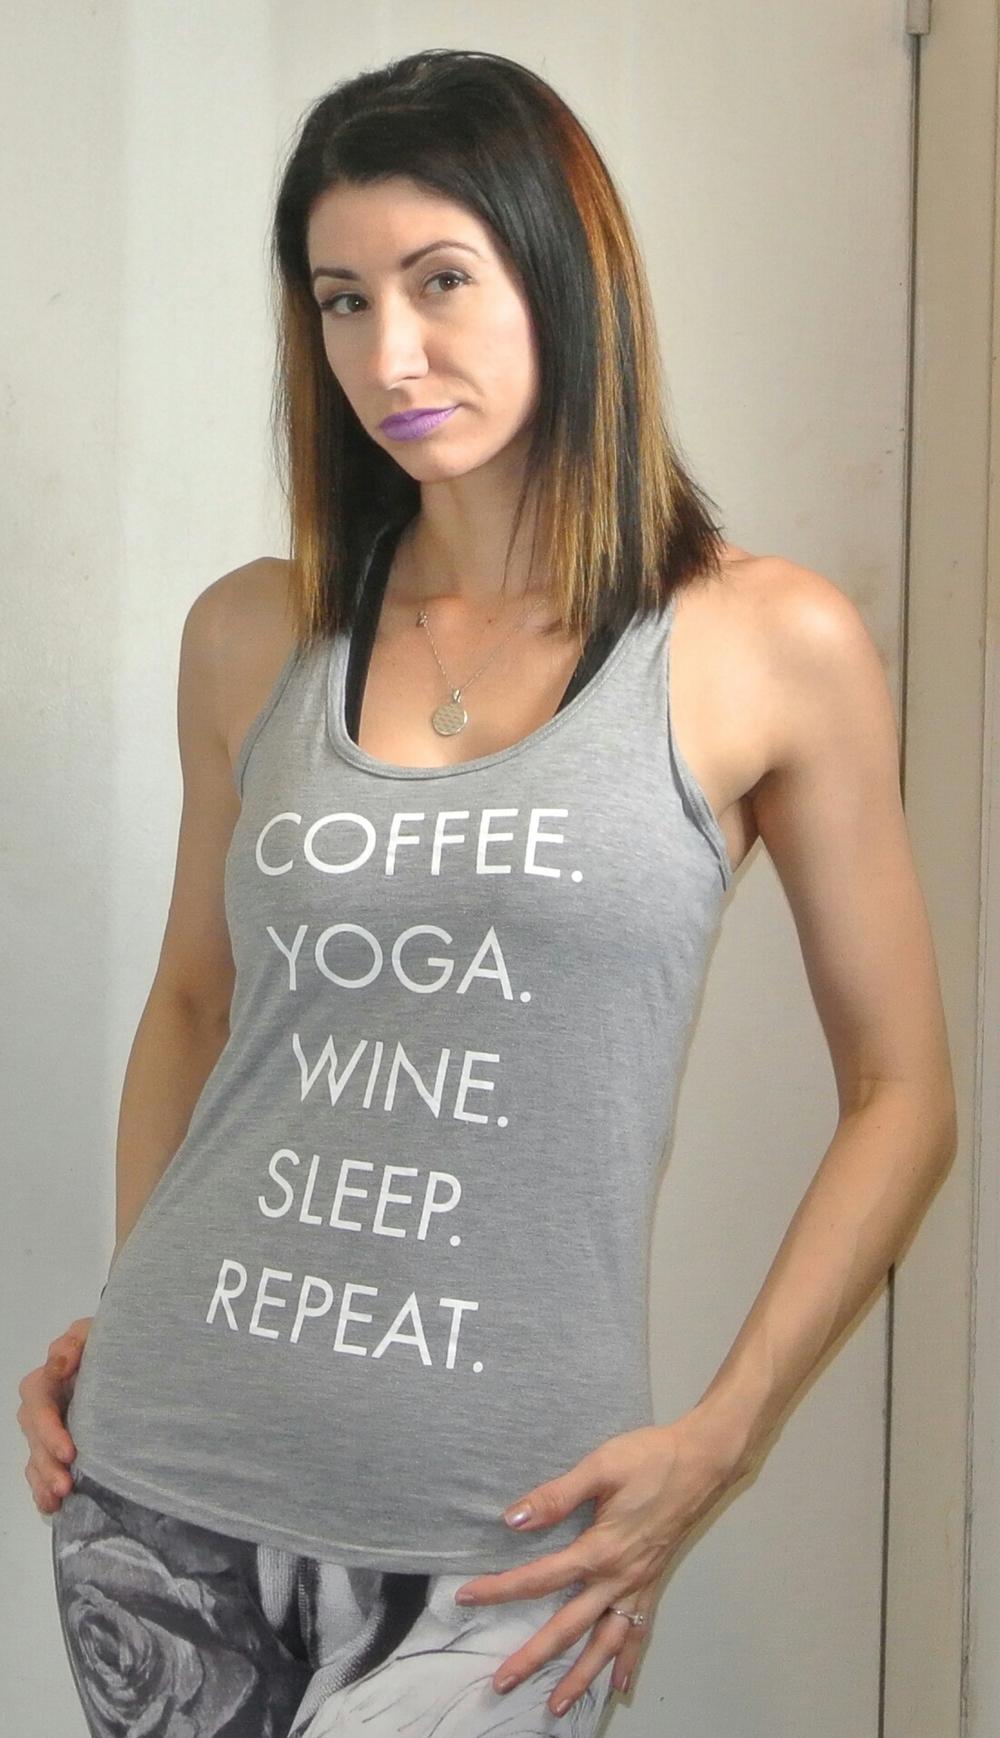 coffeeyogawinelightgreytank.jpg